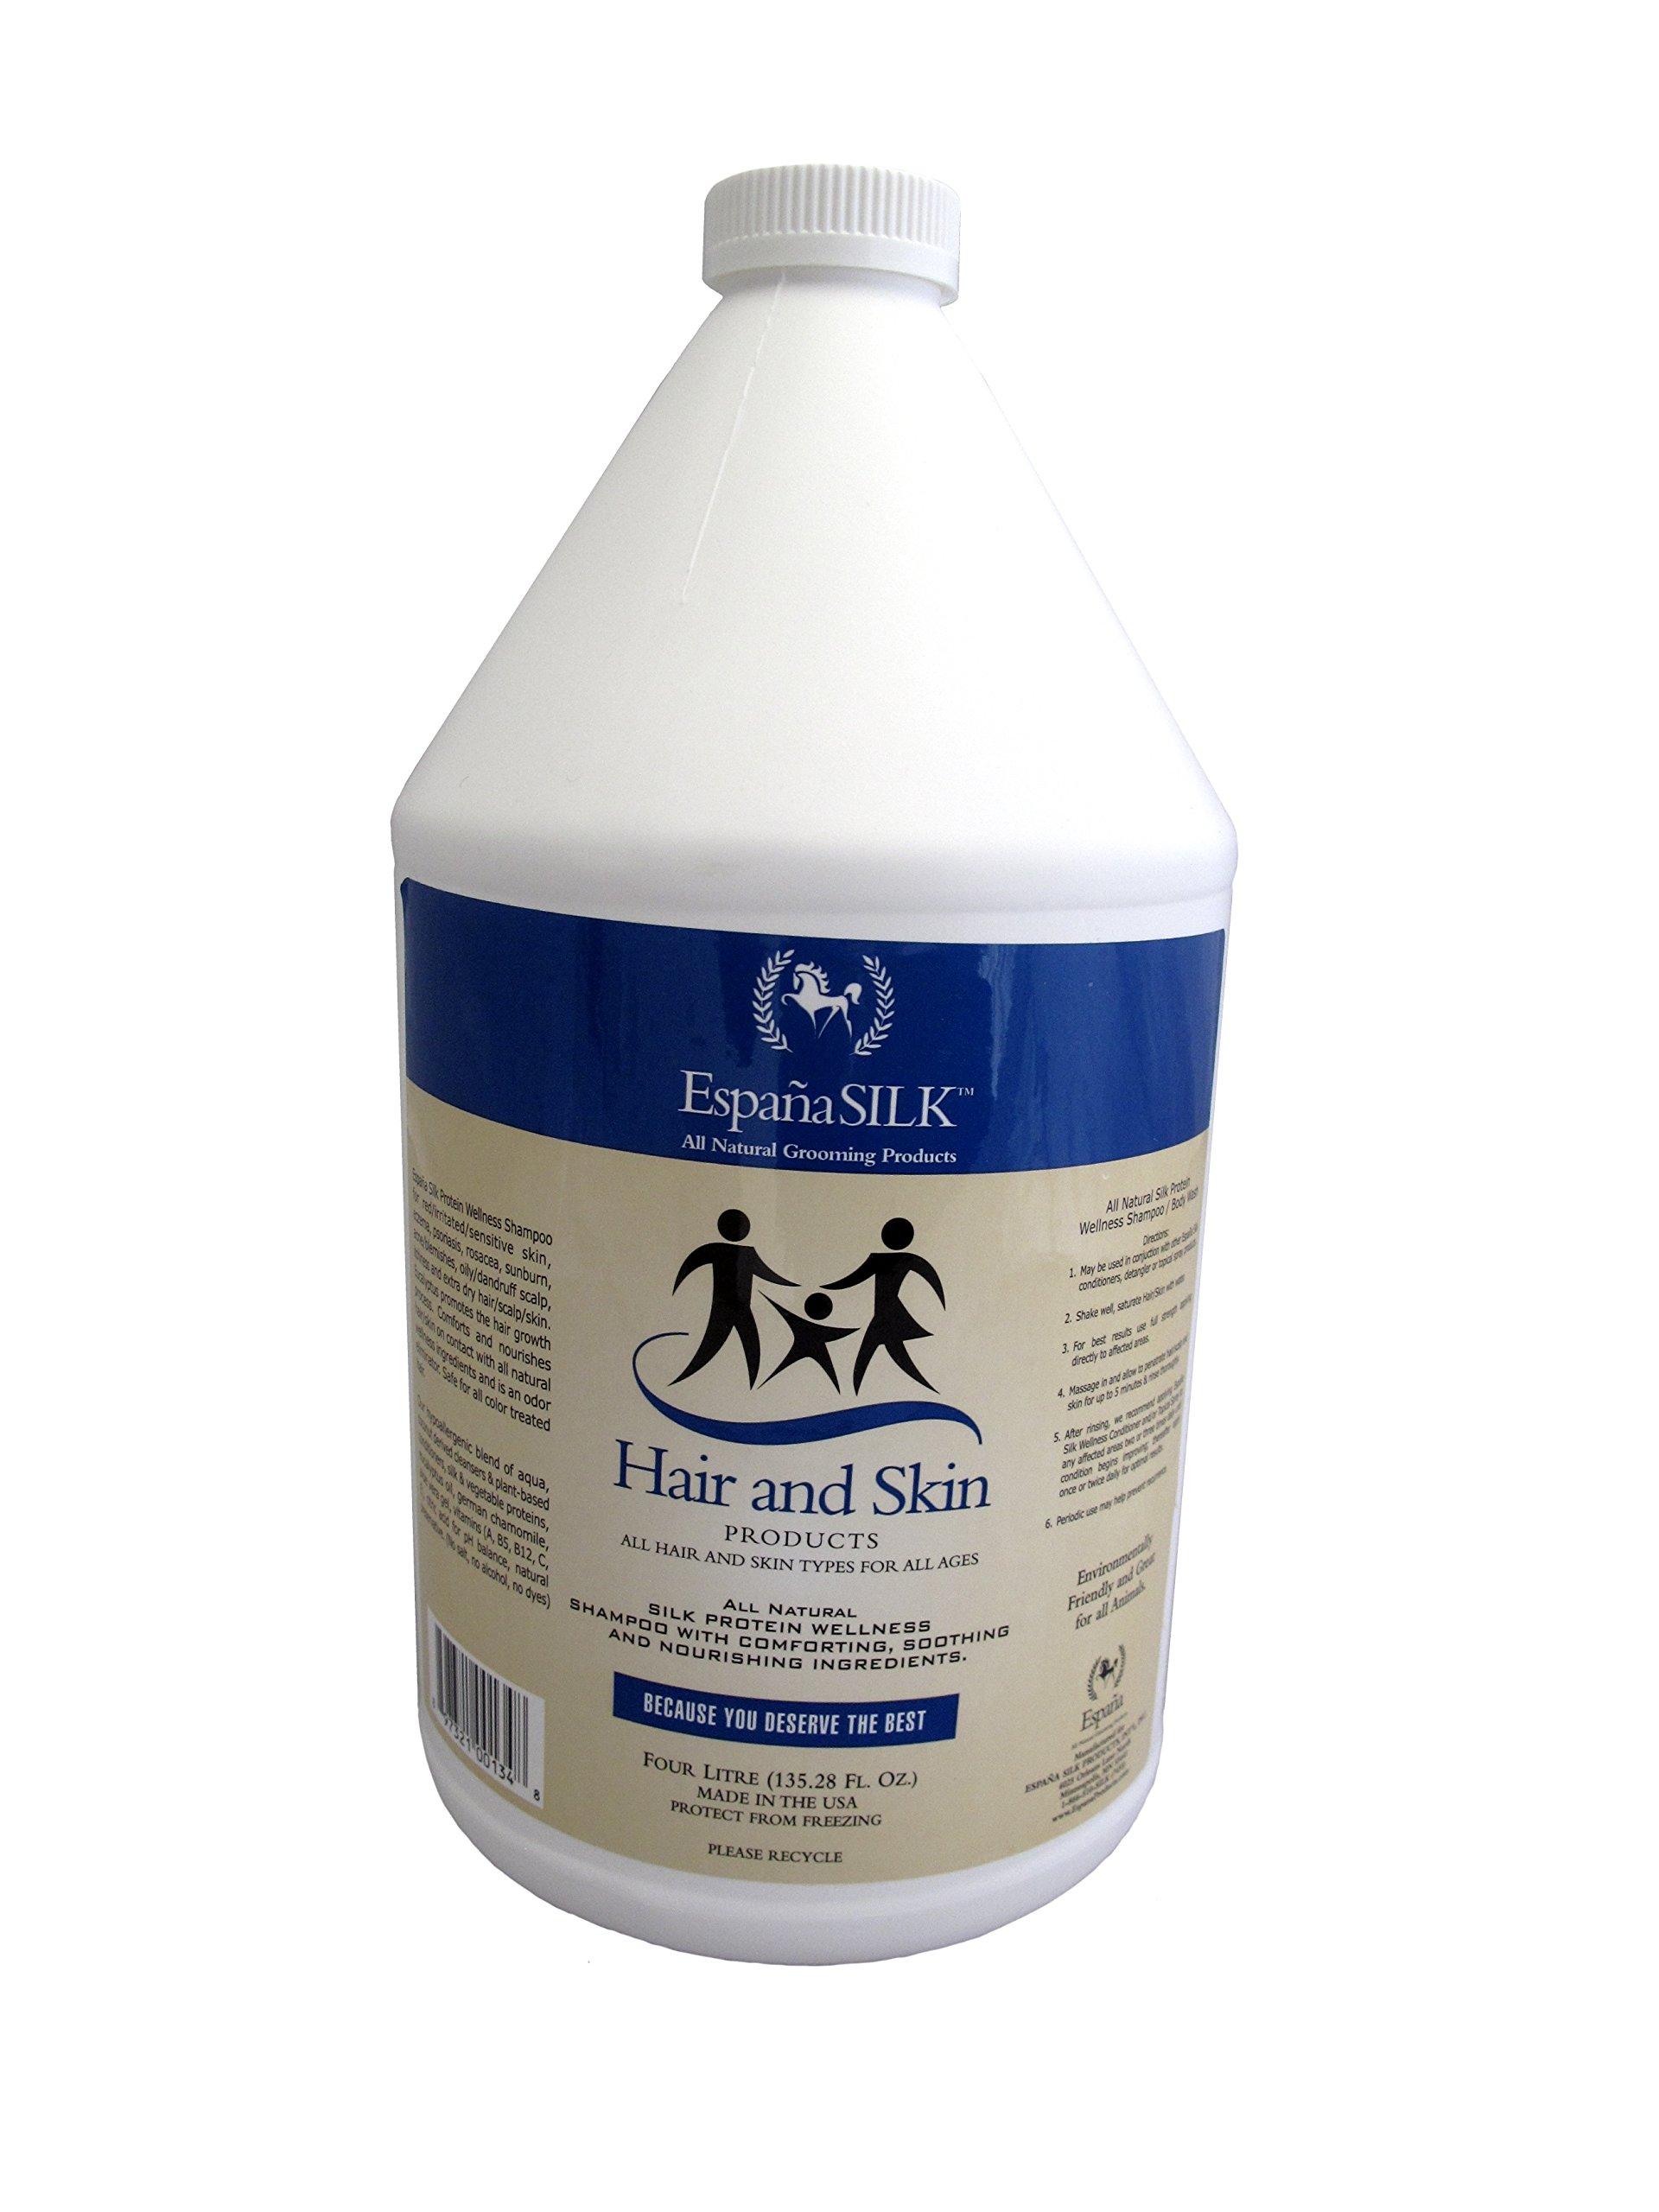 Espana Silk ESP0125P 135.28 oz Protein Wellness Shampoo, 4 L